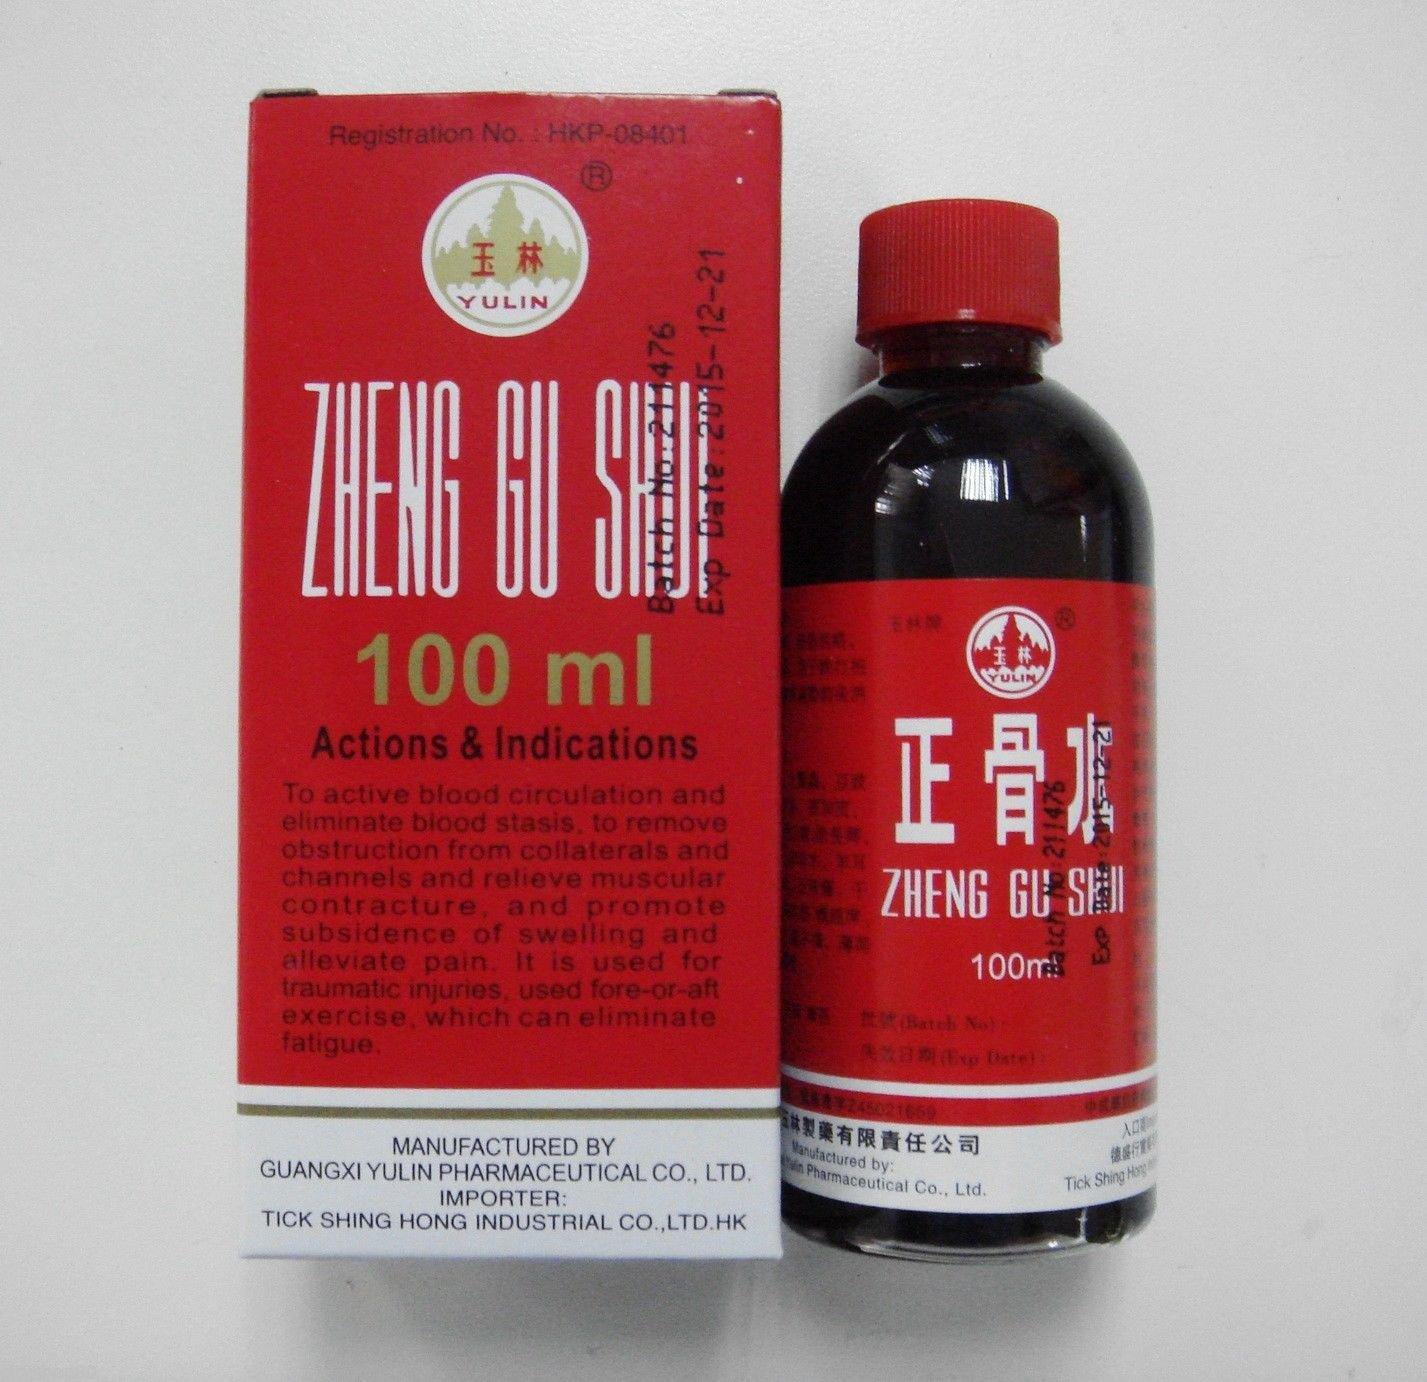 Zheng Gu Shui External Analgesic Lotion - 100ml